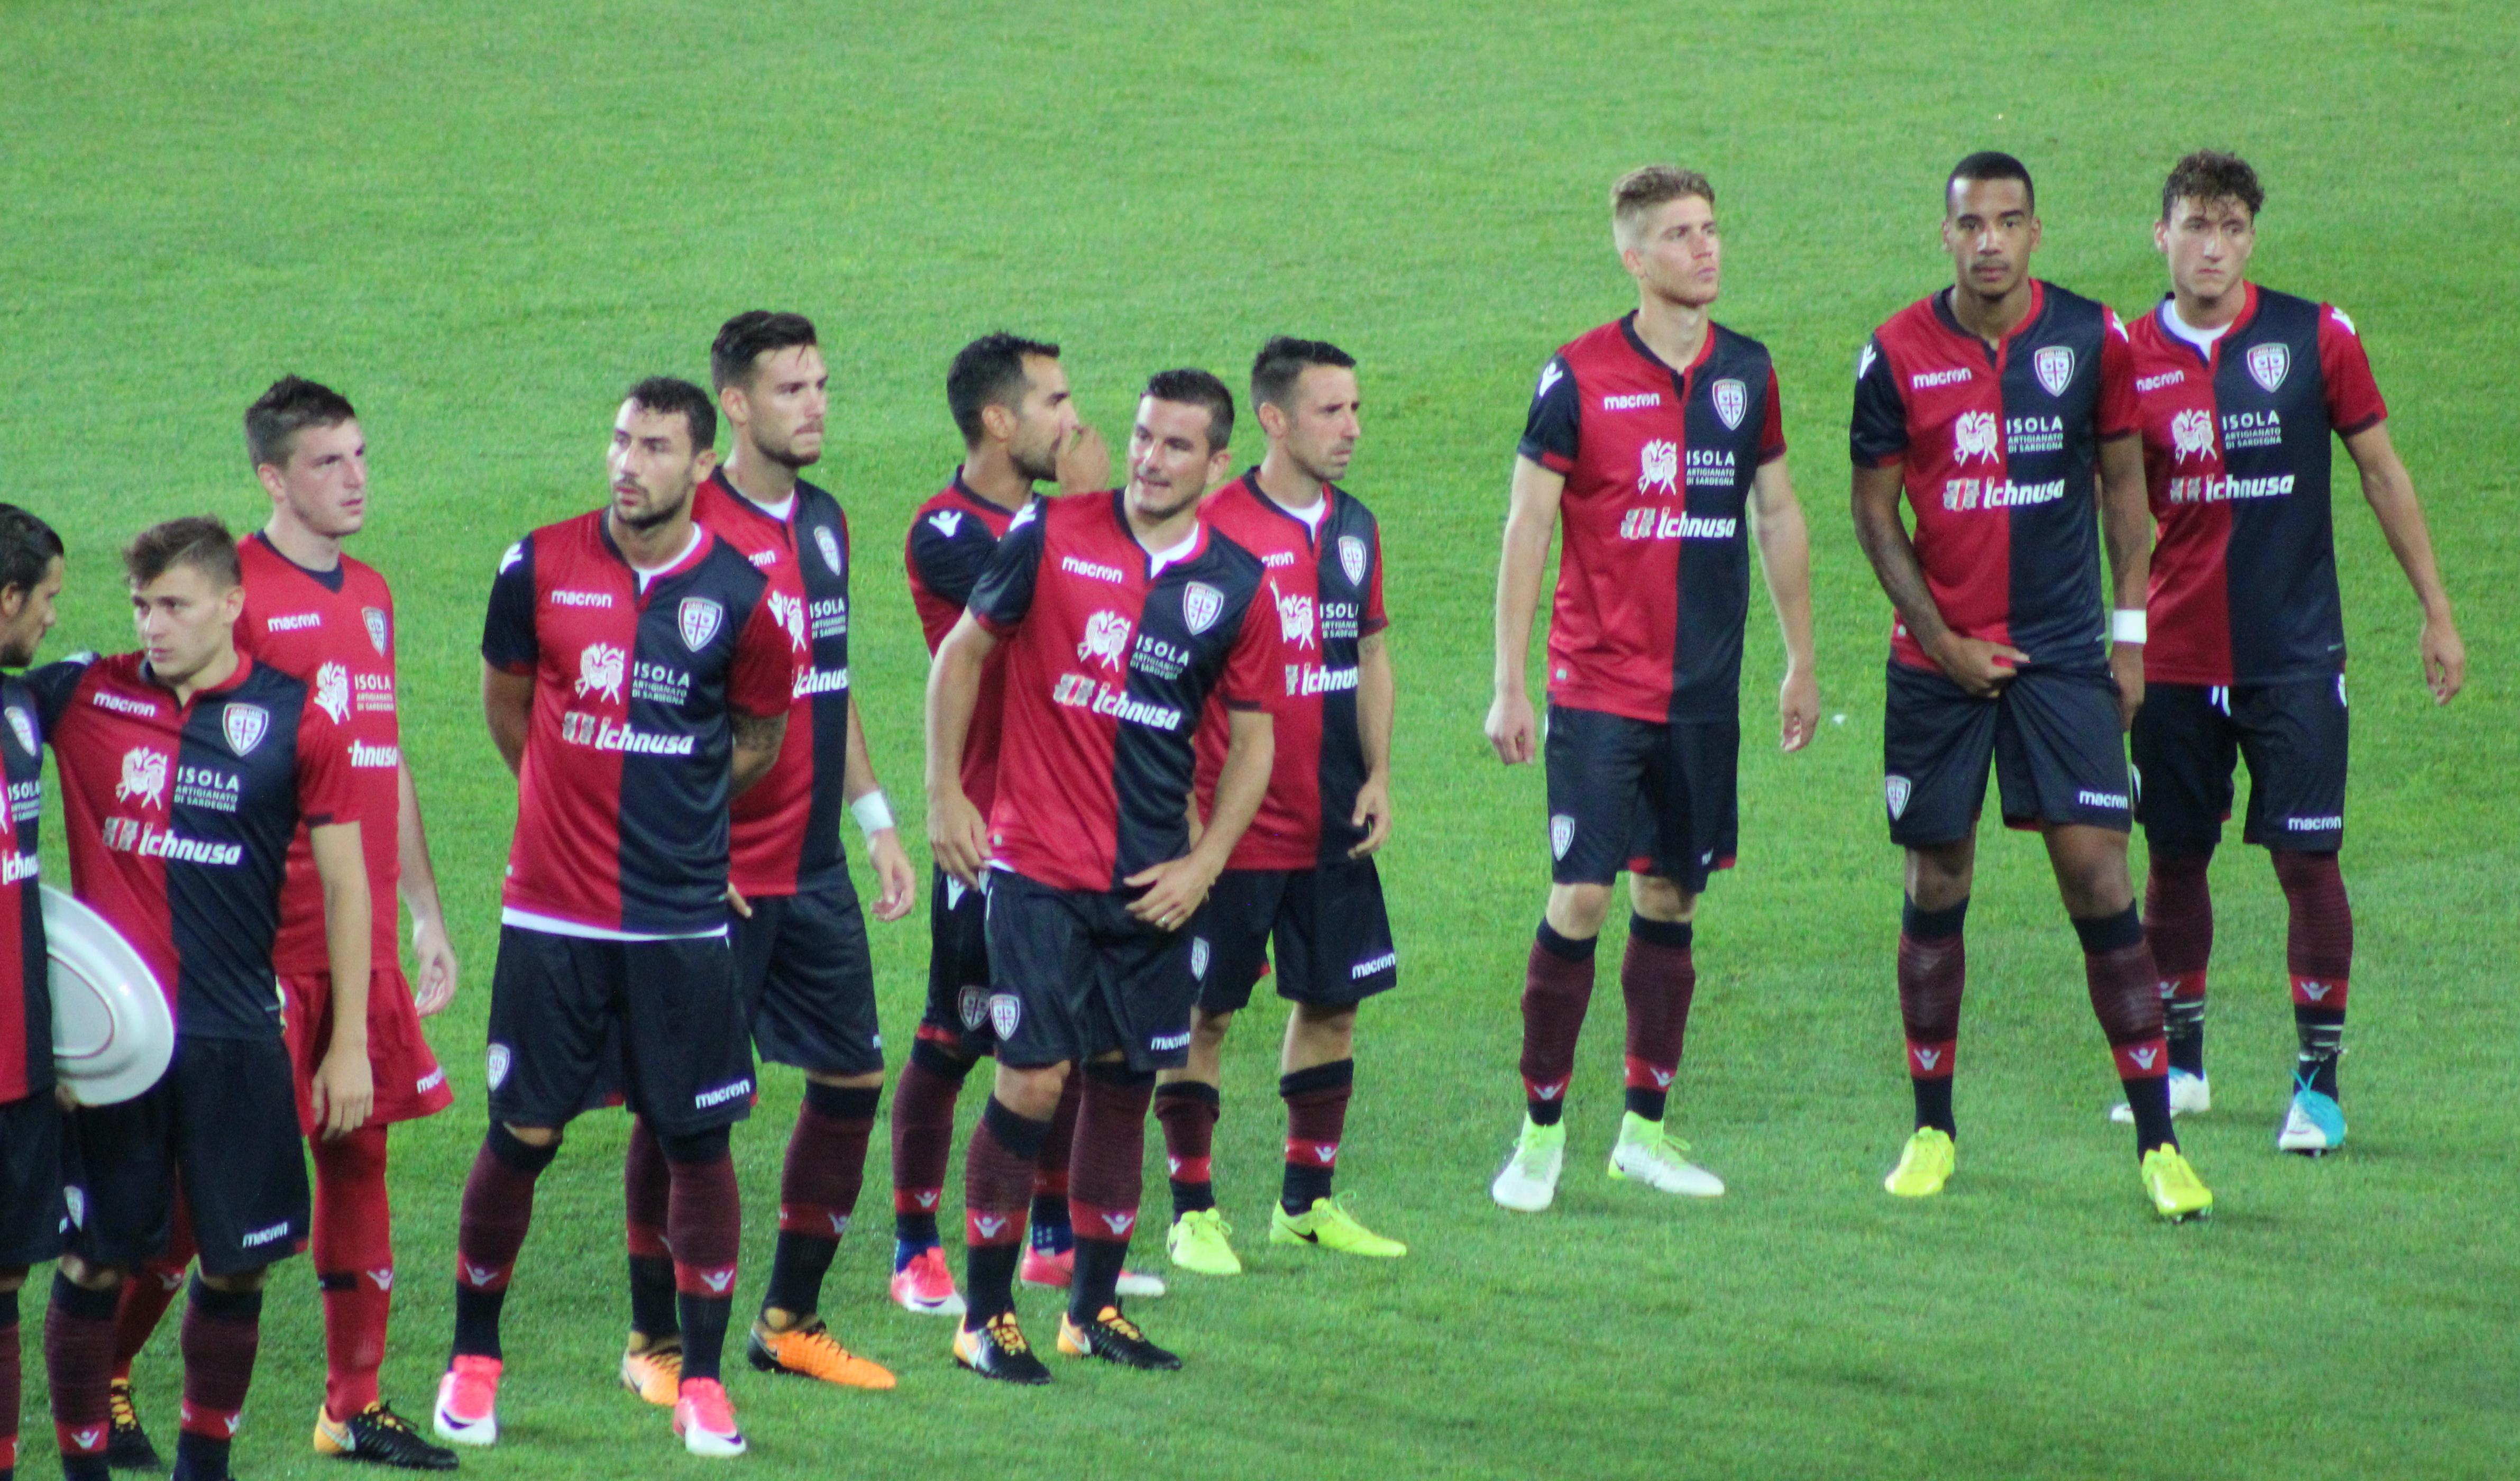 Calendario Cagliari Calcio 2020.Cagliari Calcio 2017 2018 Wikipedia